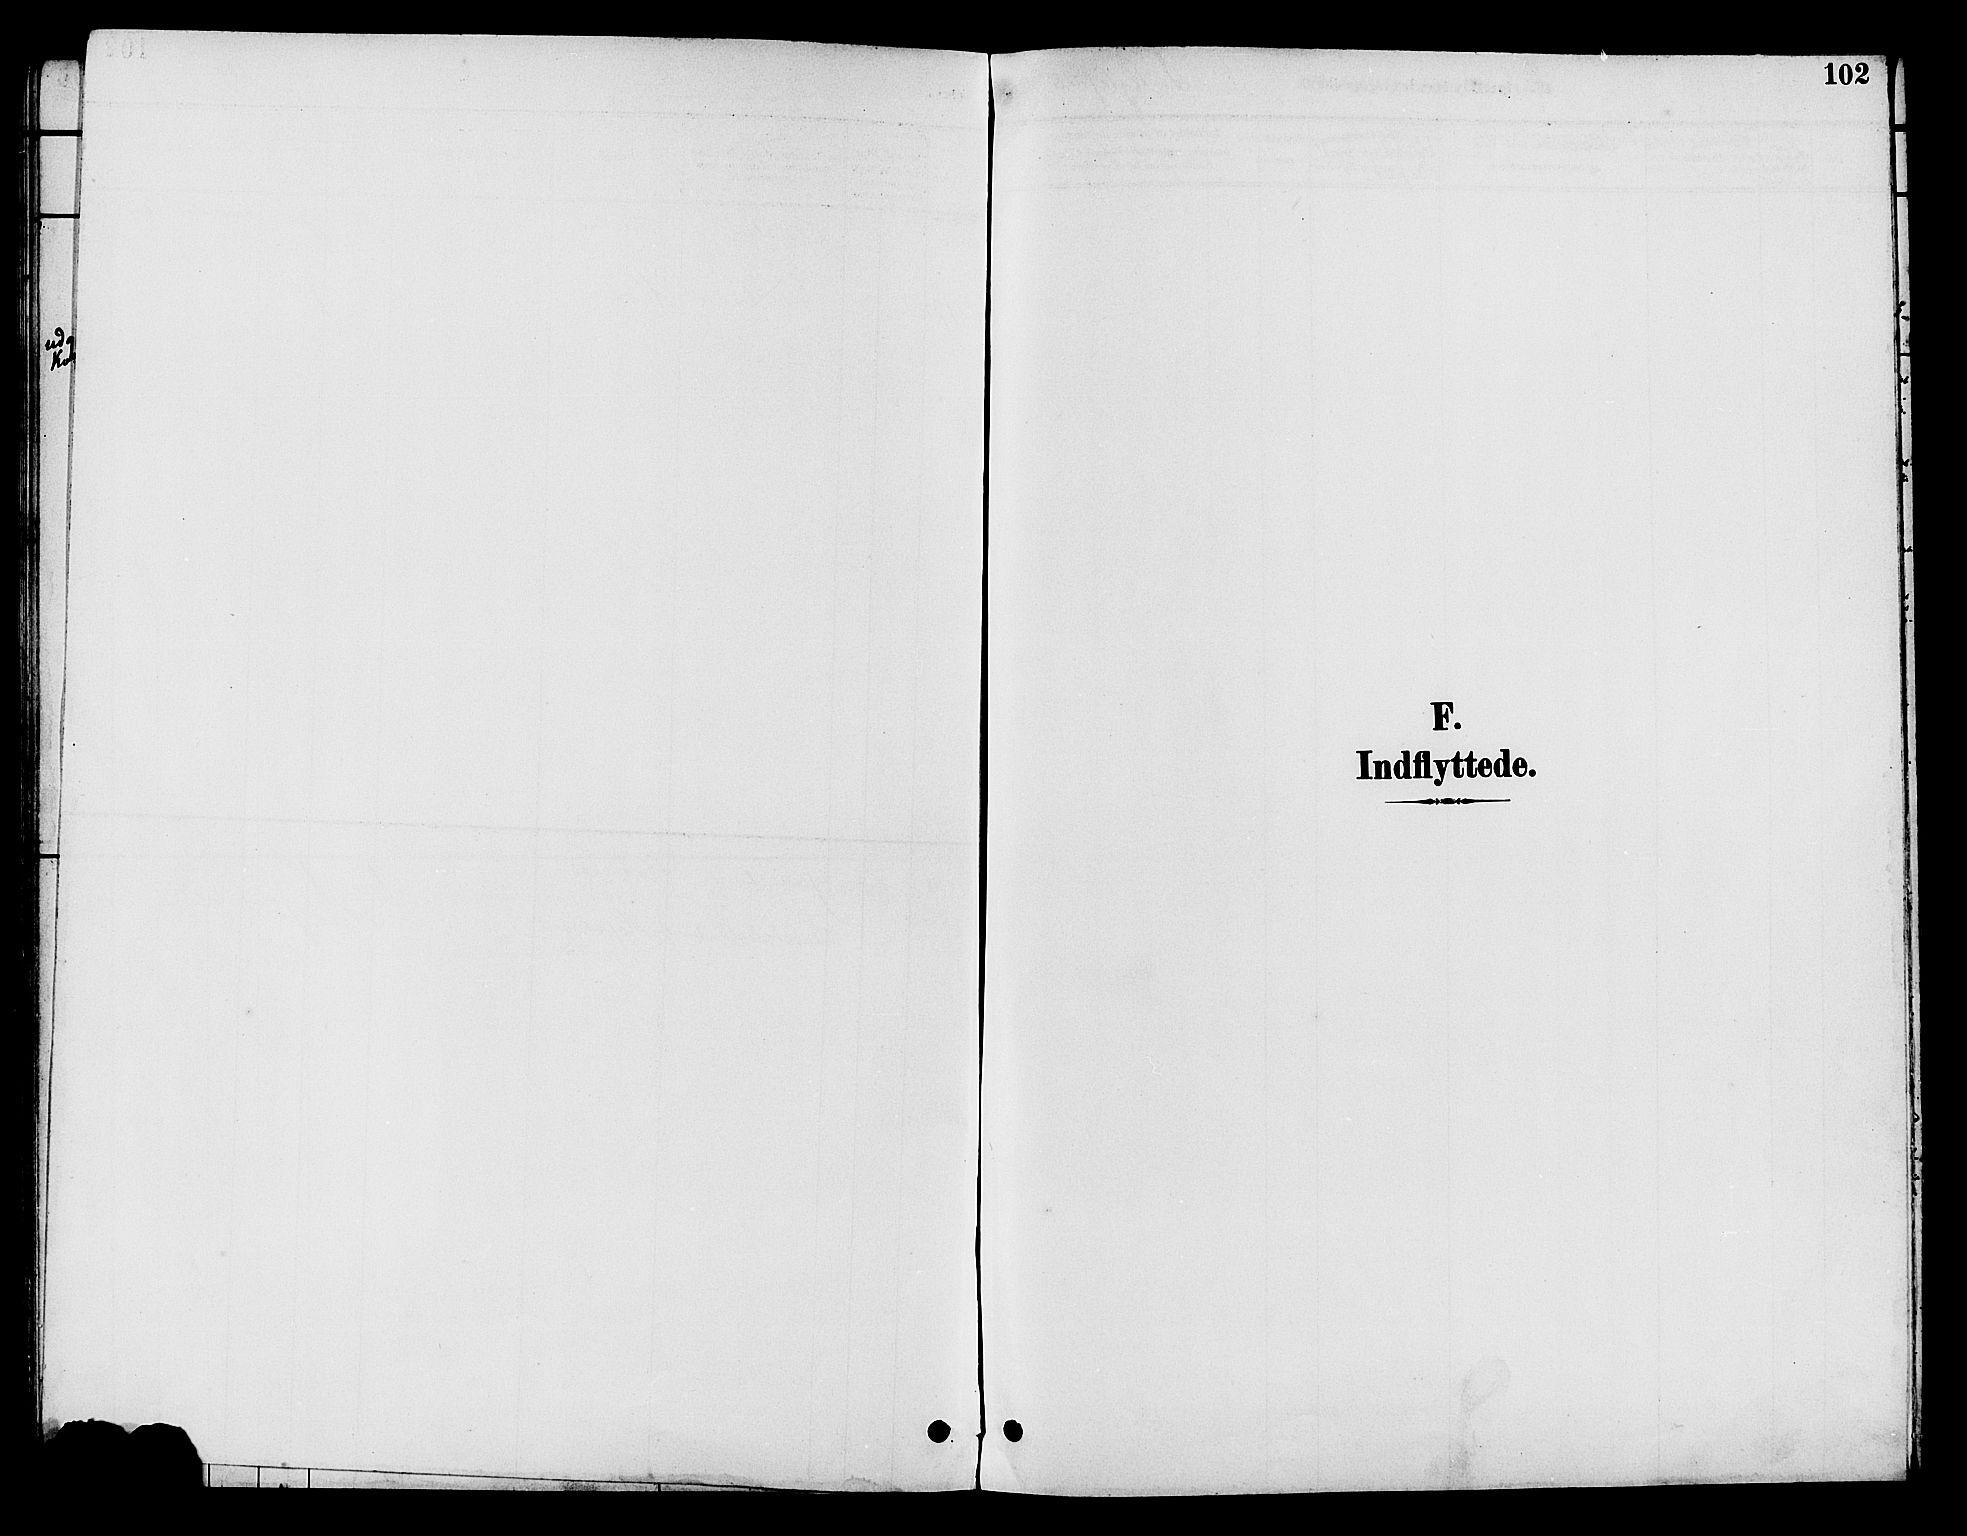 SAH, Nord-Aurdal prestekontor, Klokkerbok nr. 10, 1892-1907, s. 102